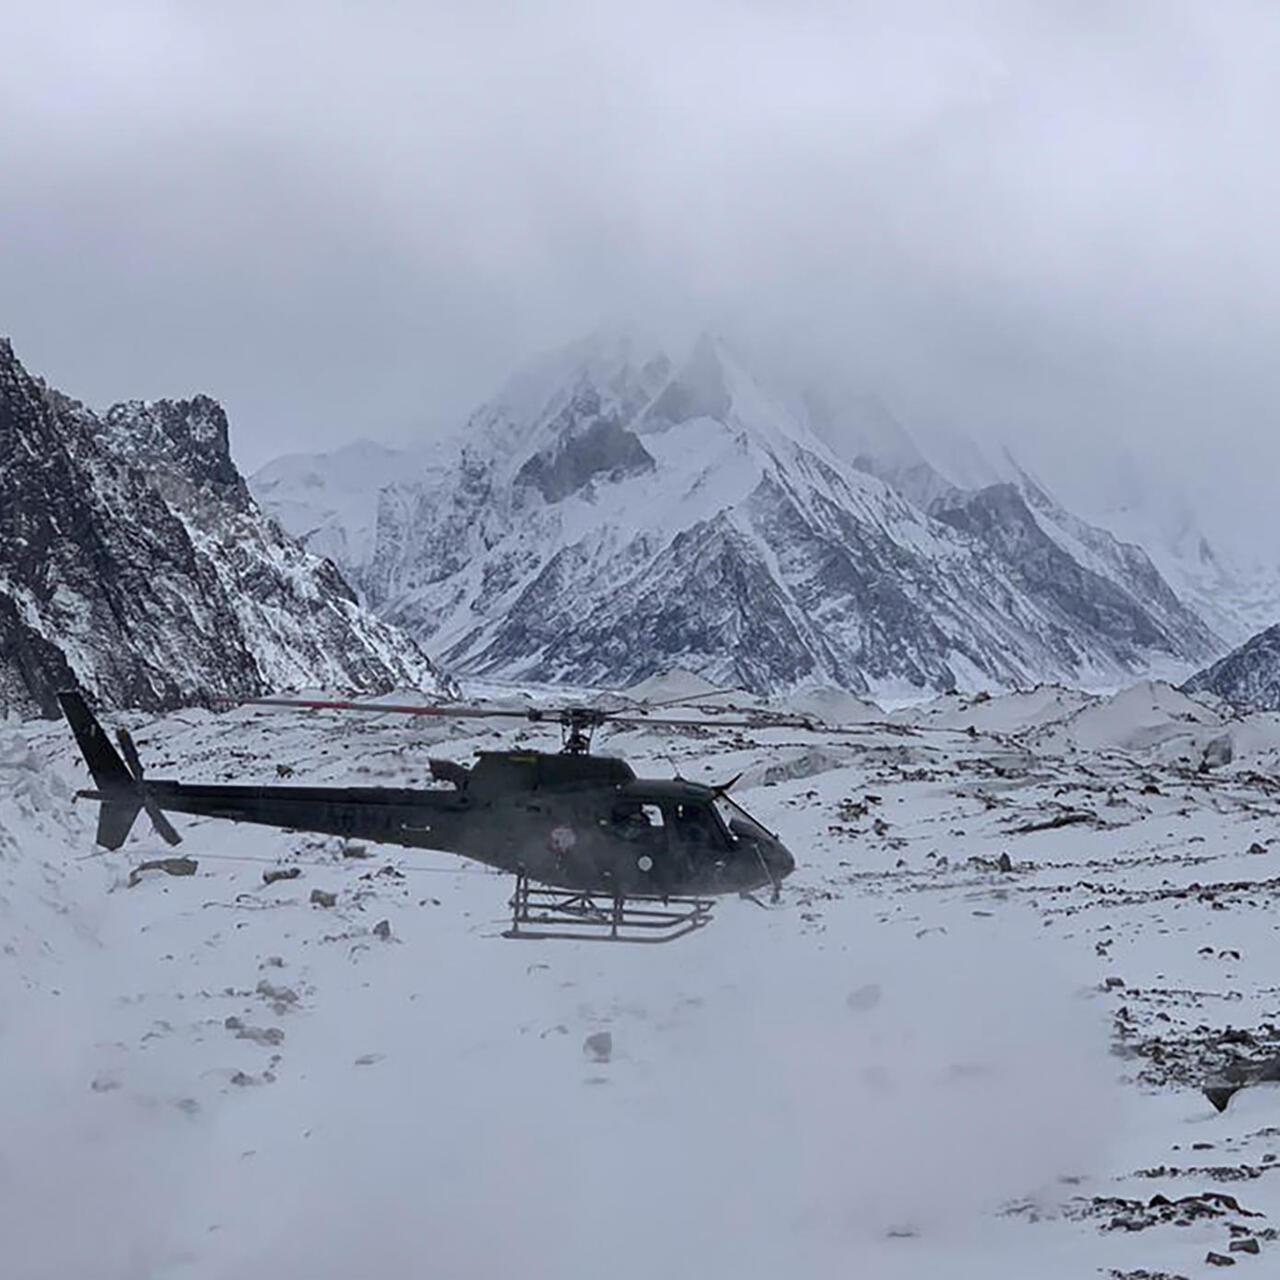 Resultado de imagen para dan por muertos a tres alpinistas desaparecidos en el K2 de pakistán